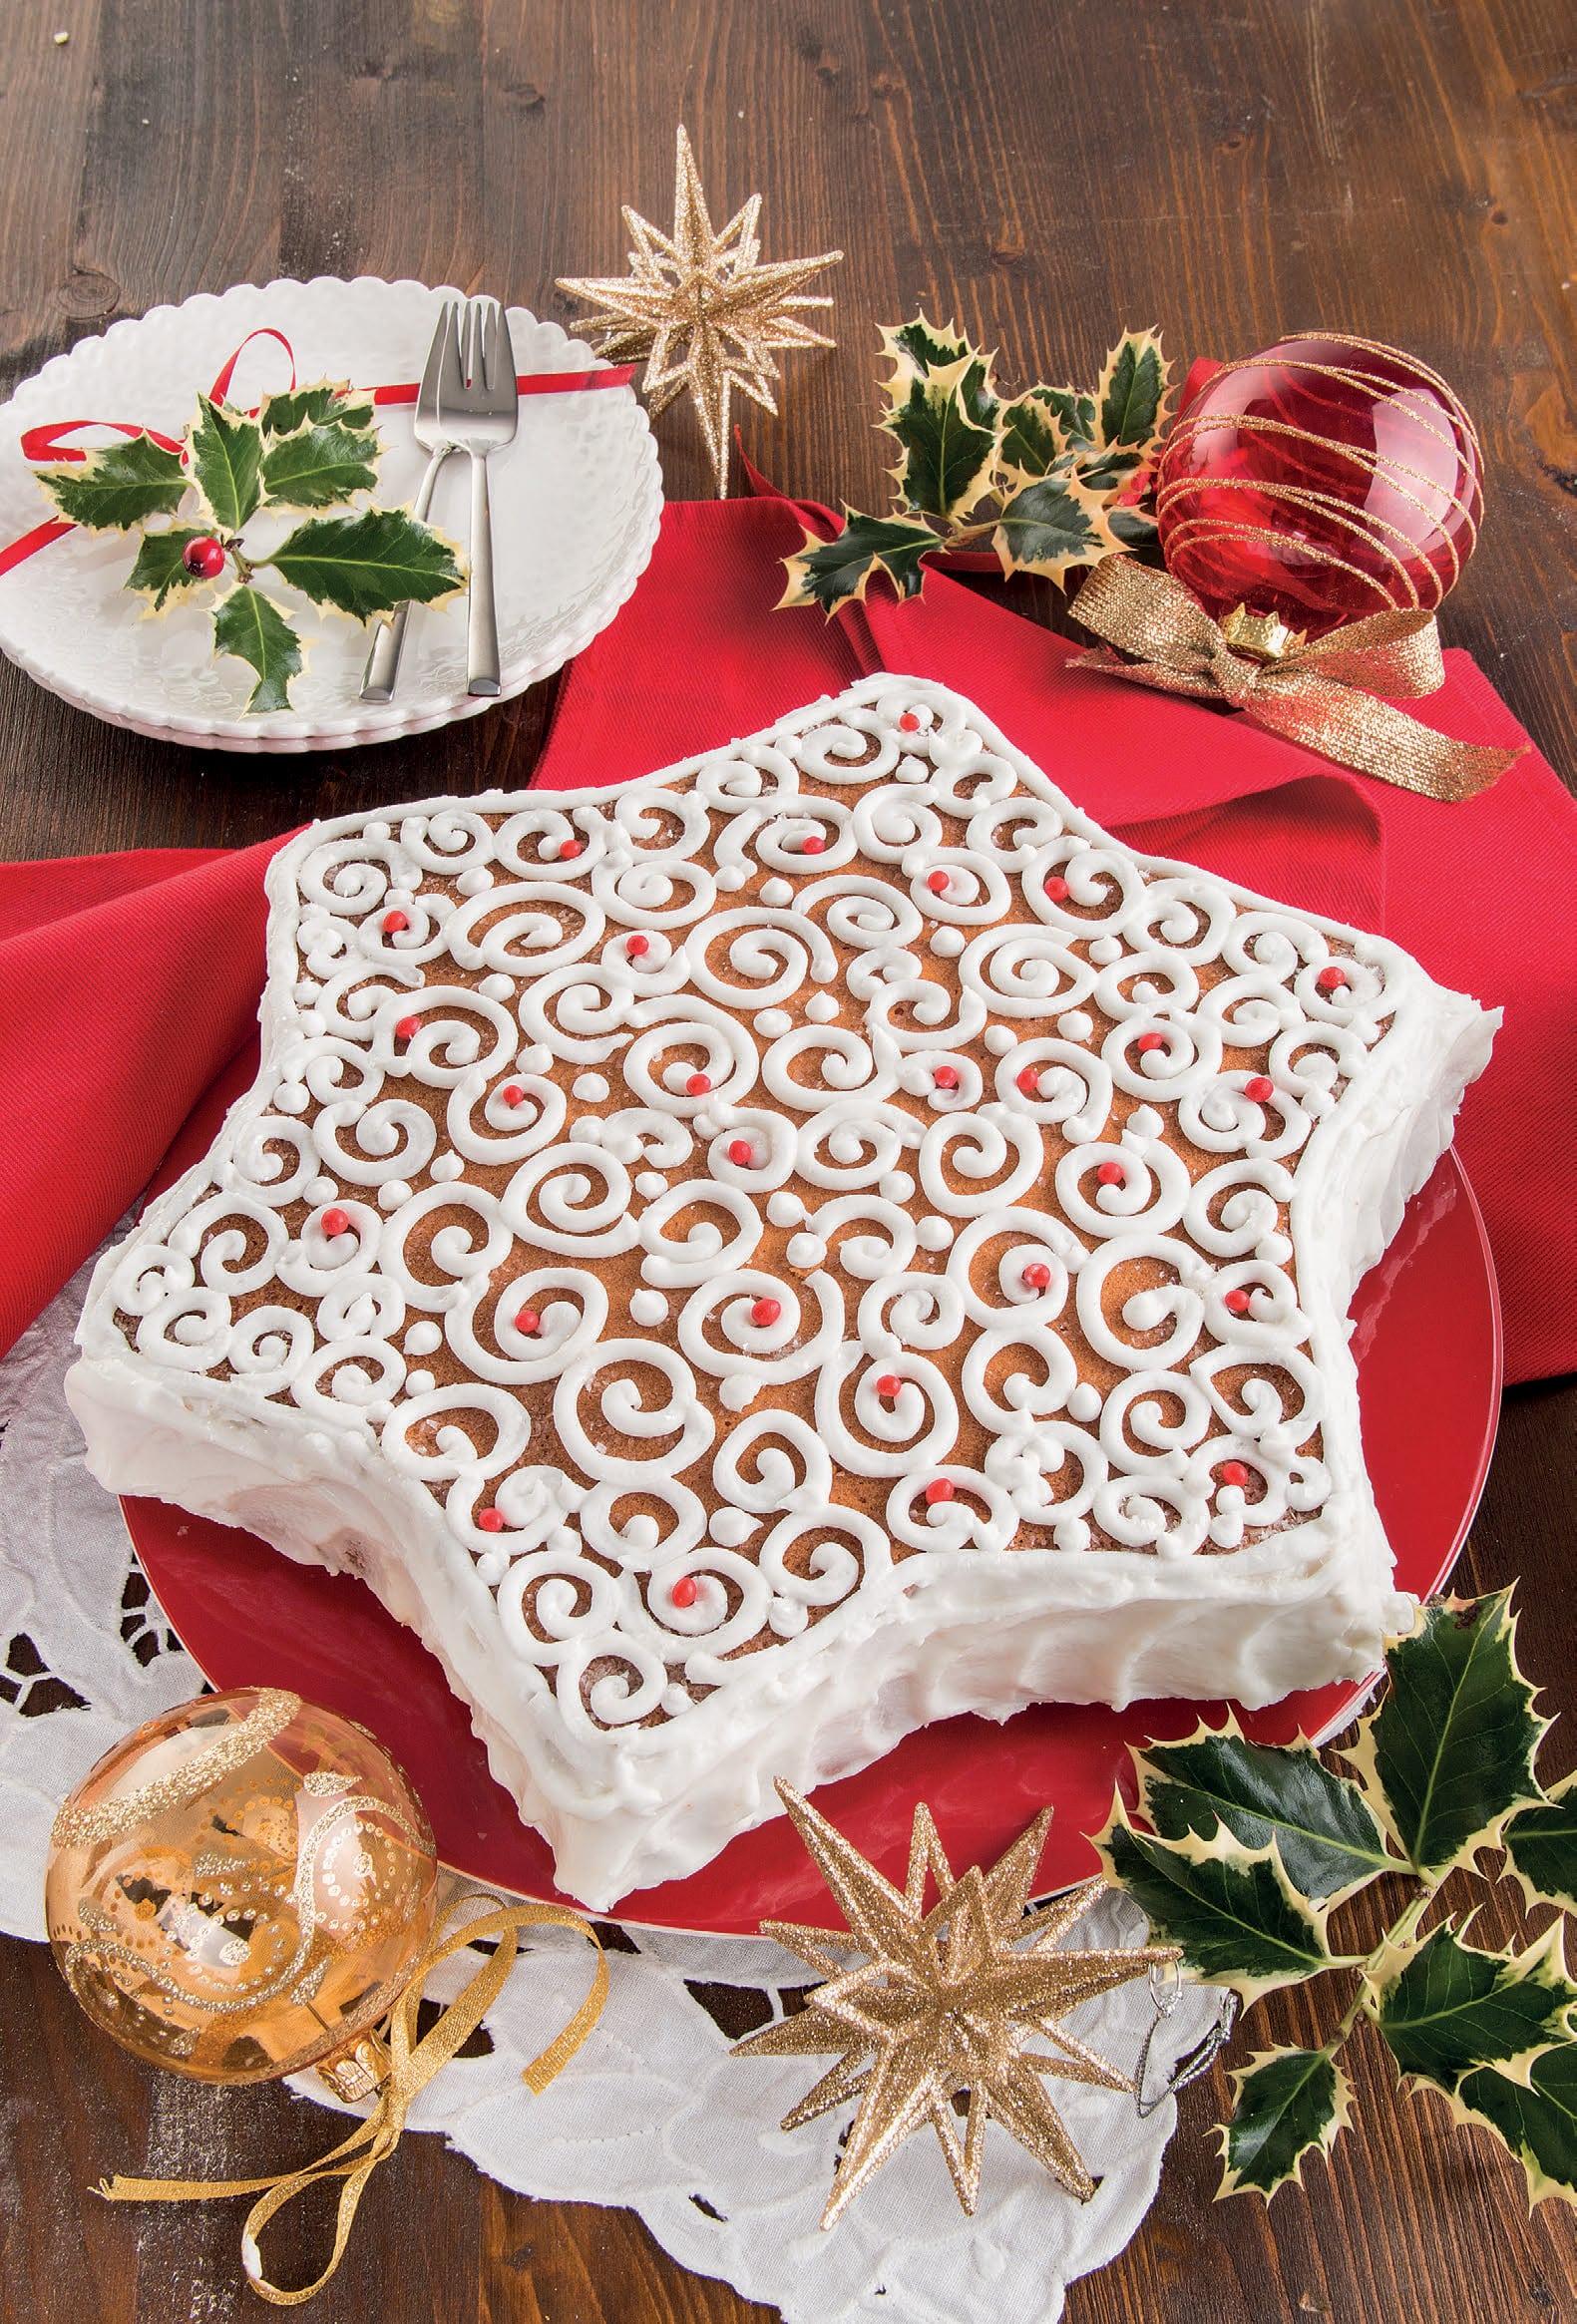 Torta Stella Di Natale.Dolce Stella Con Crema Chantilly Al Limone E Riccioli Di Ghiaccia